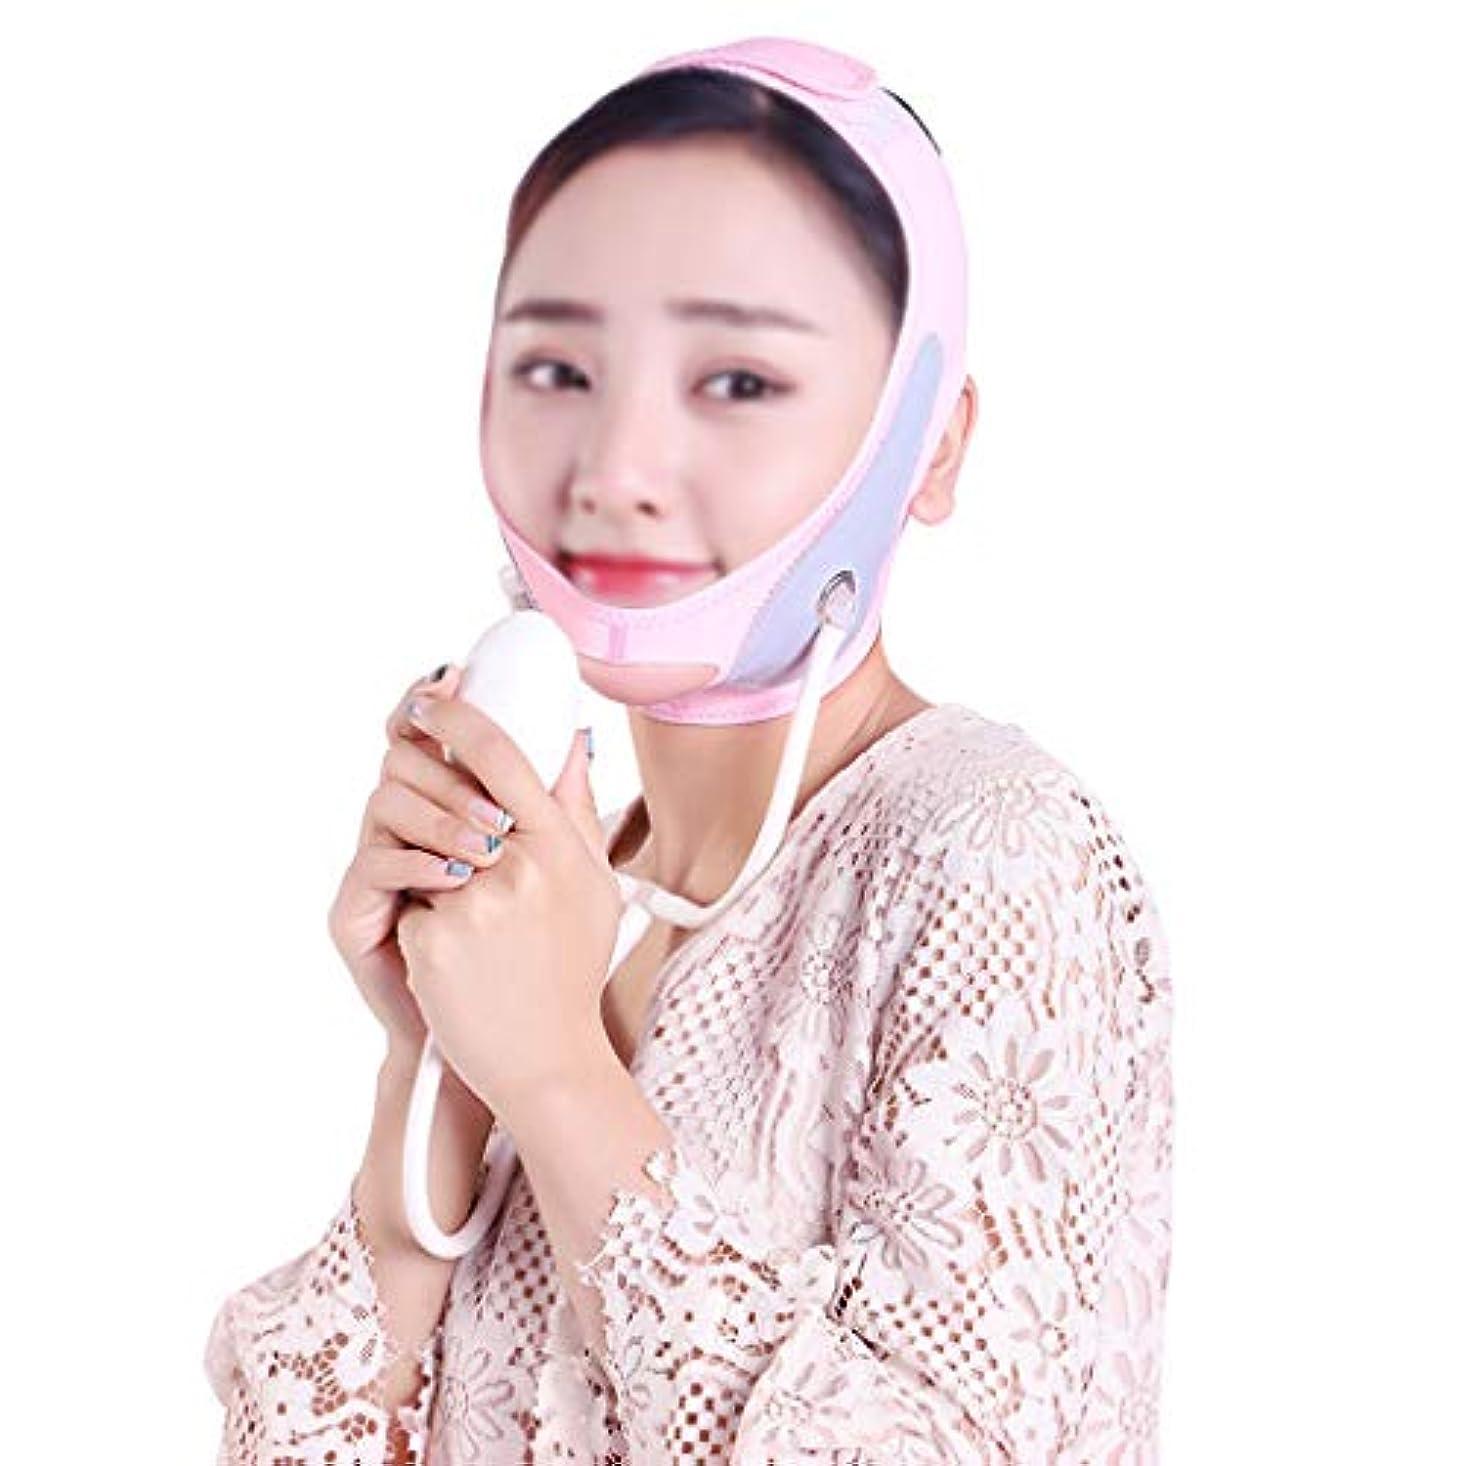 ラフ睡眠鉛筆北へGLJJQMY 膨脹可能なマスクは小さいVの表面を作成するために皮の形づけおよび引き締めパターン/二重あごの包帯の人工物を高めます 顔用整形マスク